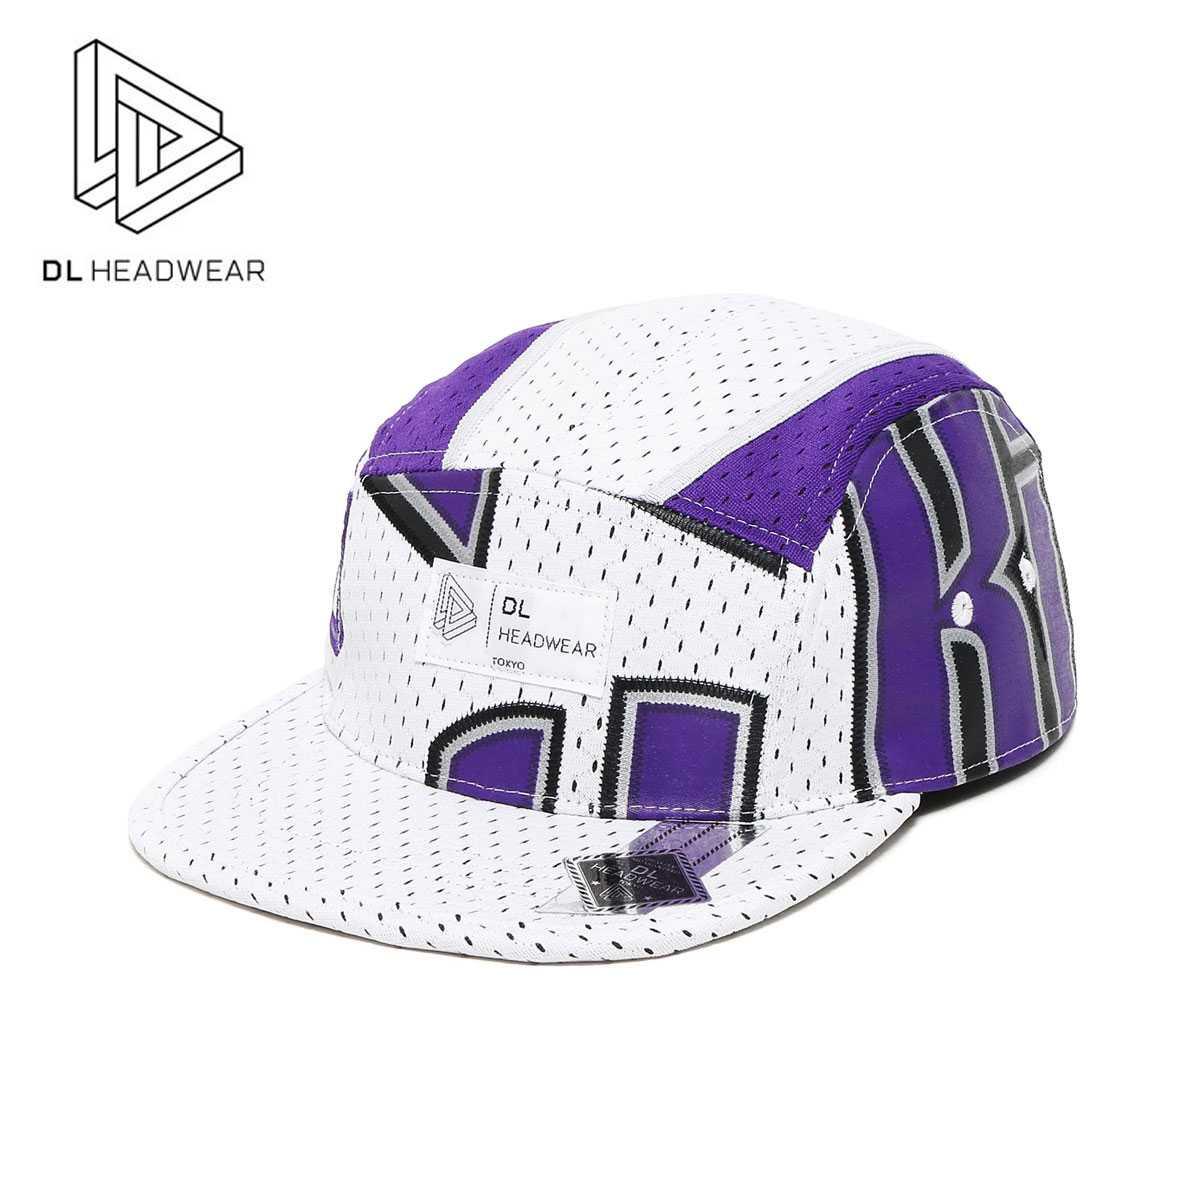 DL Headwear Alpha 5Panel Camp Cap Made by vintage NBA Jersey(Chris Webber /Sacramento Kings)(ディーエル ヘッドウェア アルファ ファイブパネルキャンプキャップ / クリス・ウェバー)【Kinetics】【NBA】【バスケットボール】【帽子】【17SS-I】